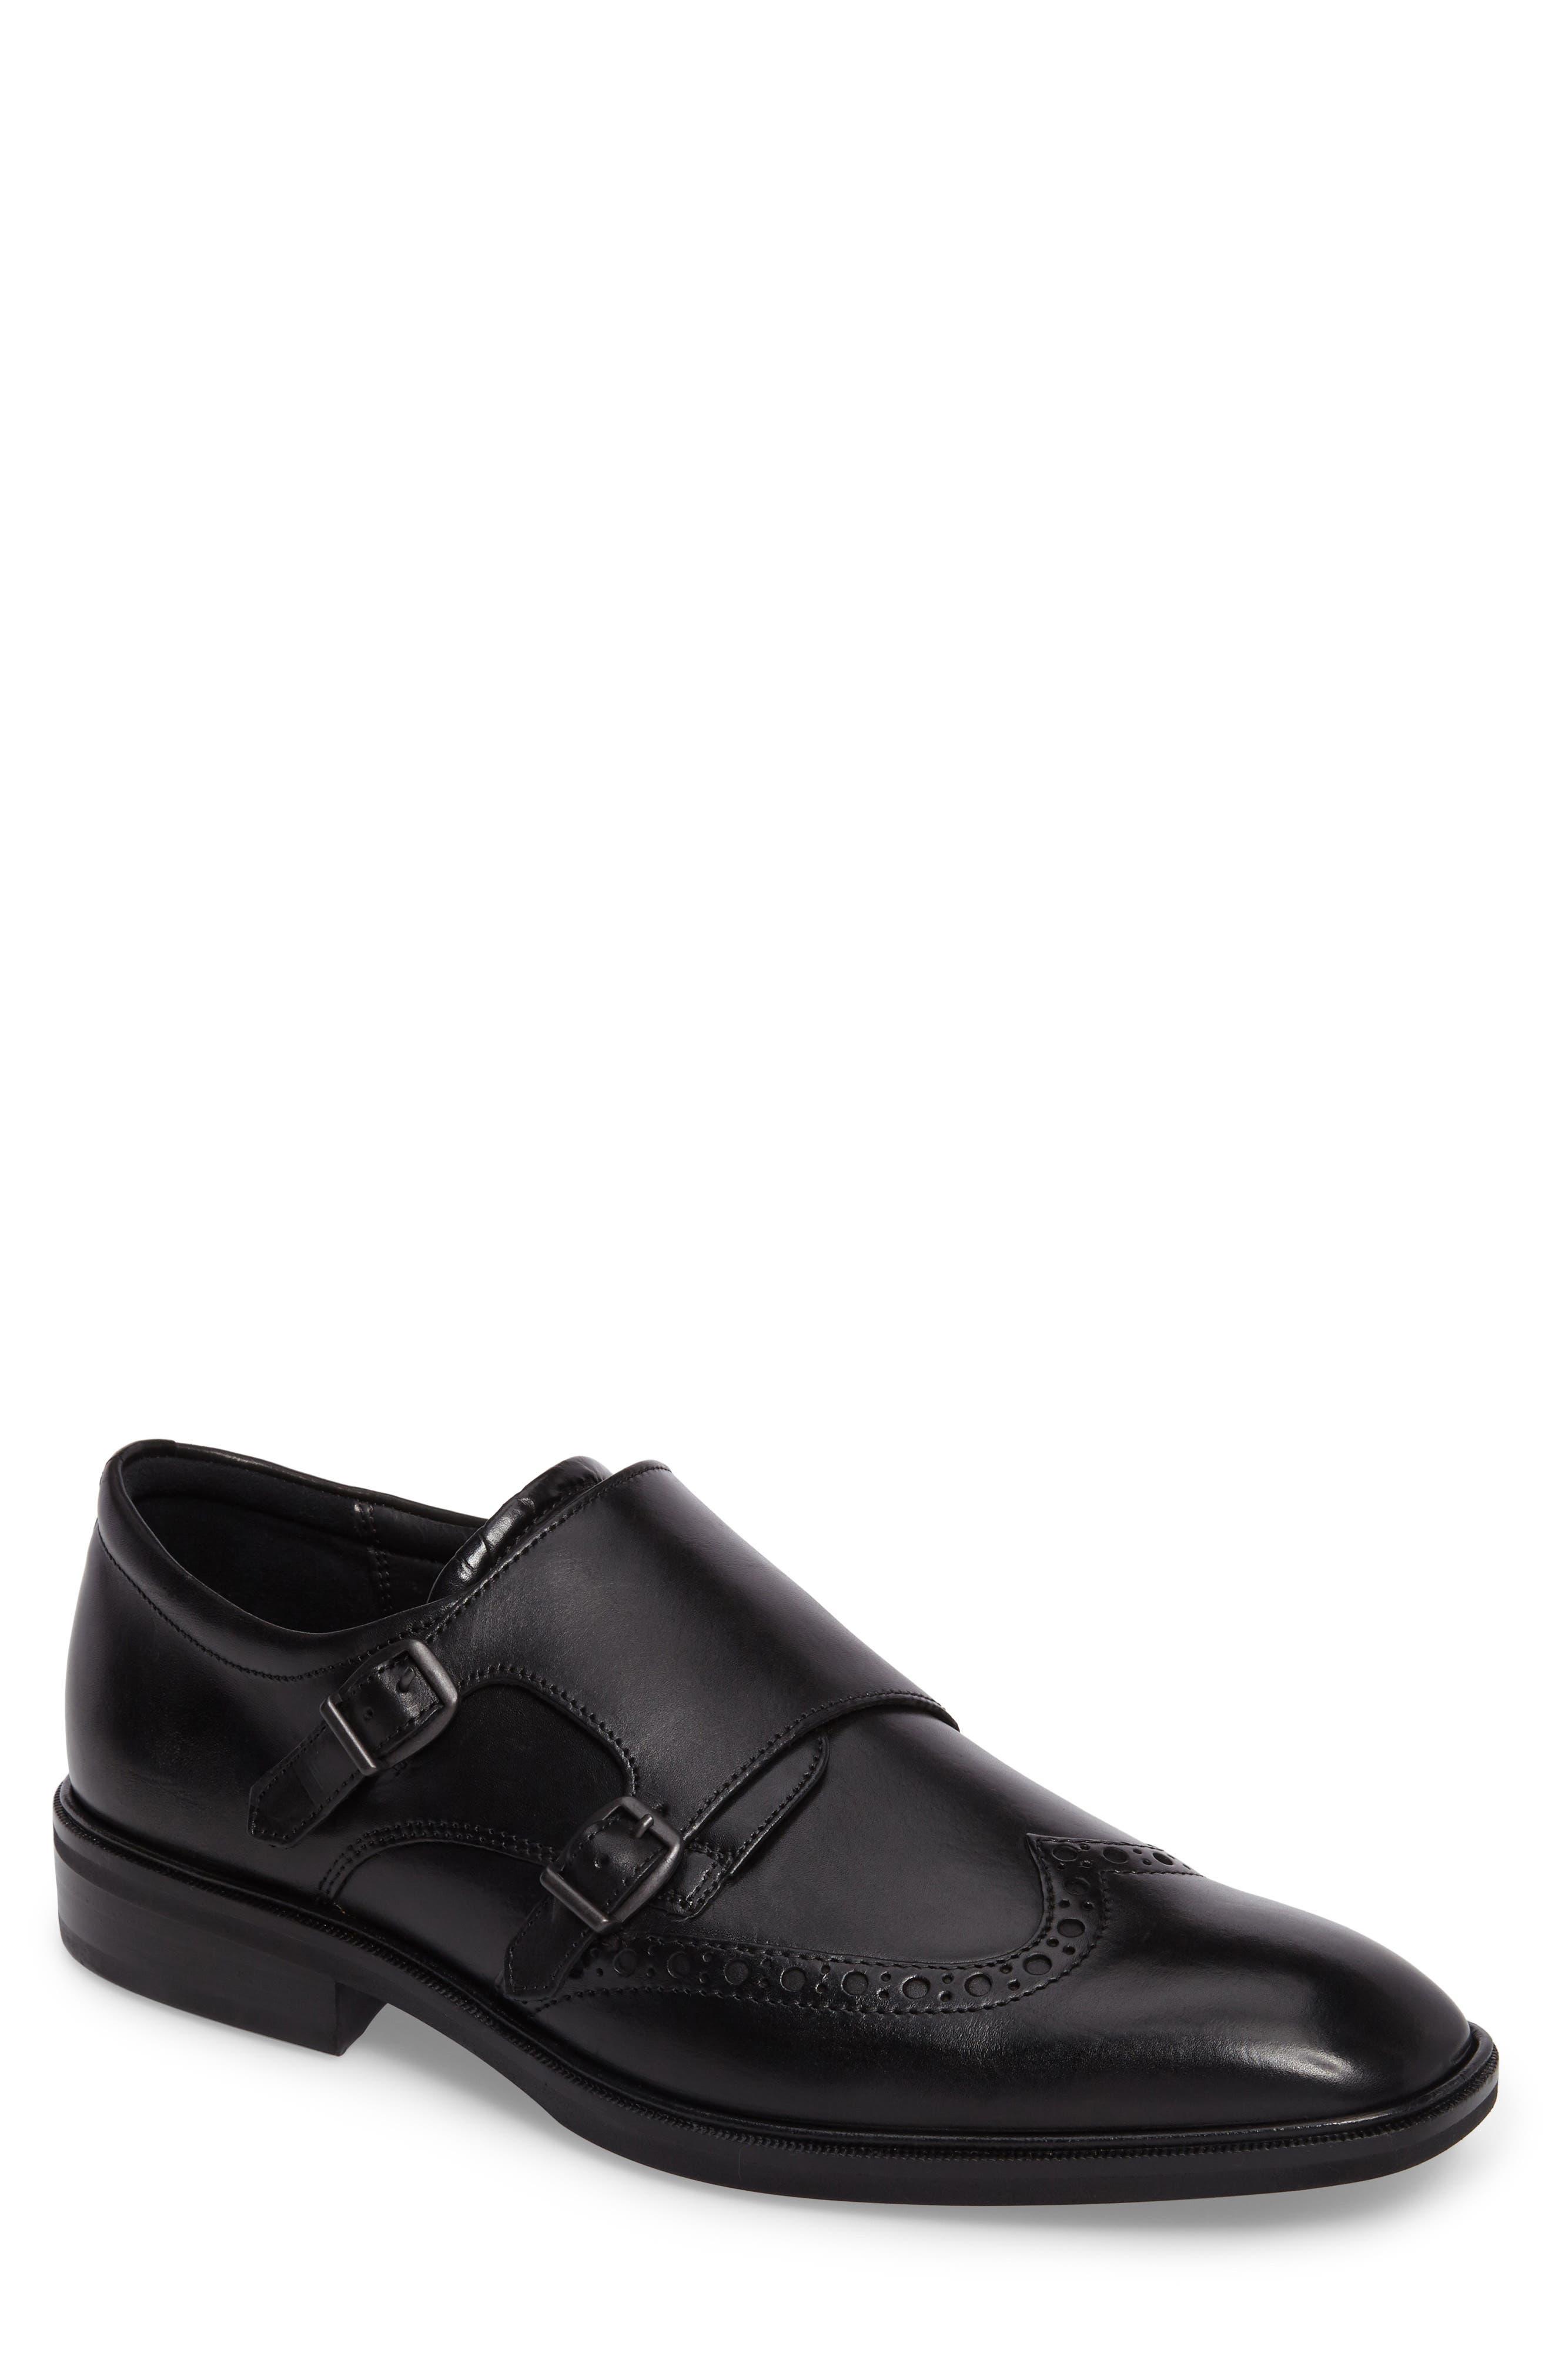 Illinois Double Monk Strap Shoe,                             Main thumbnail 1, color,                             Black Leather